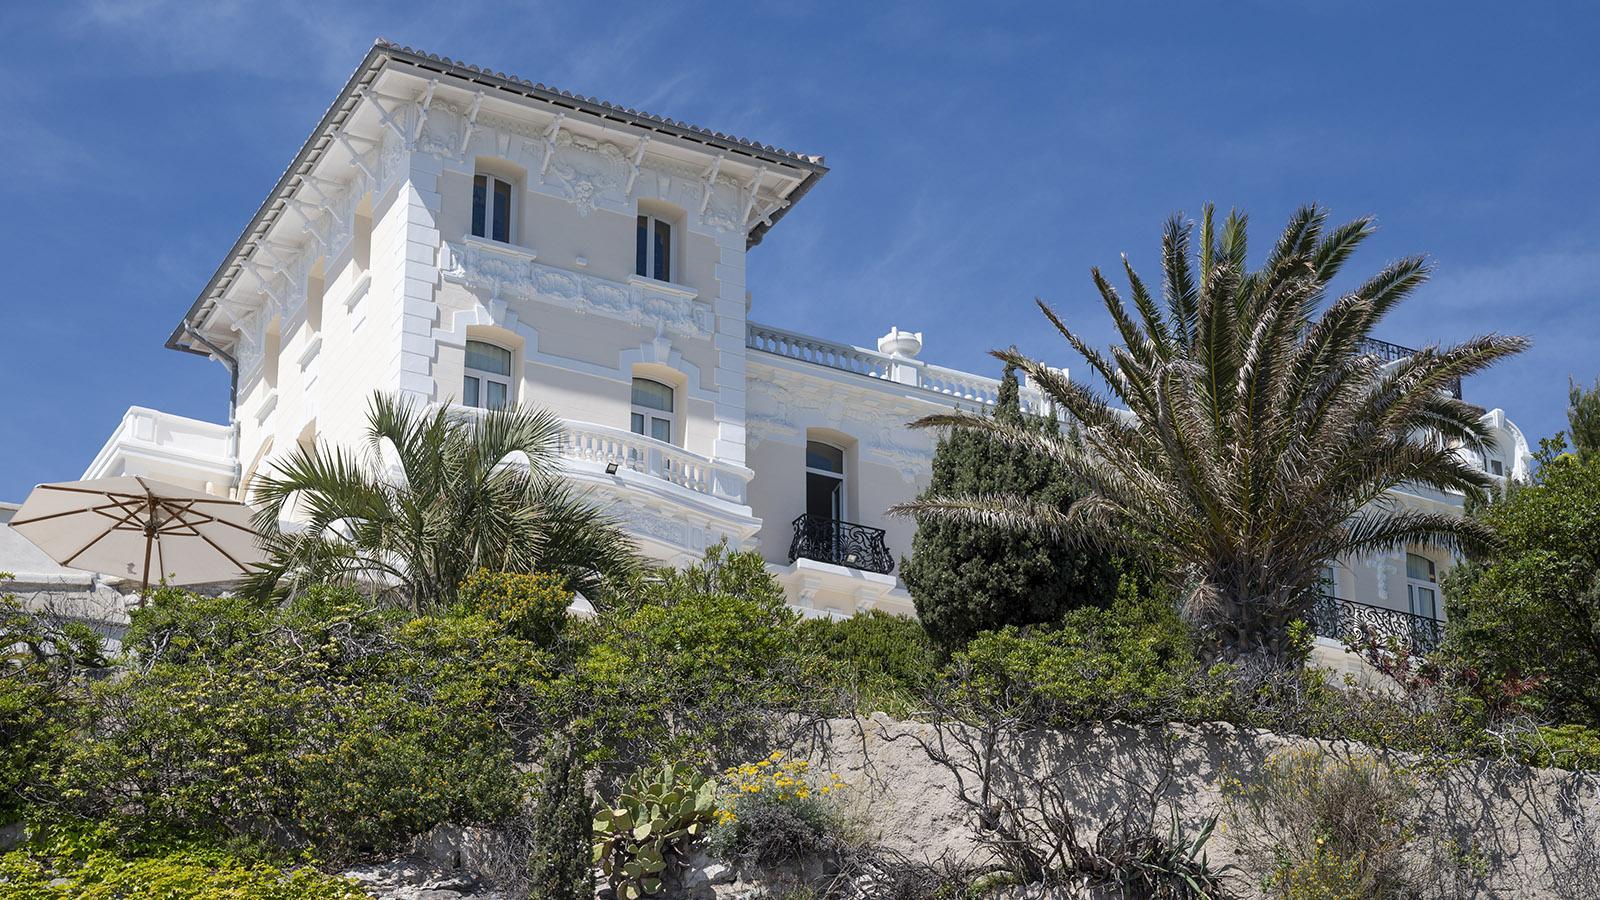 Luxusvillen wie diese säumen die Corniche J.F. Kennedy in Marseille. Foto: Hilke Maunder